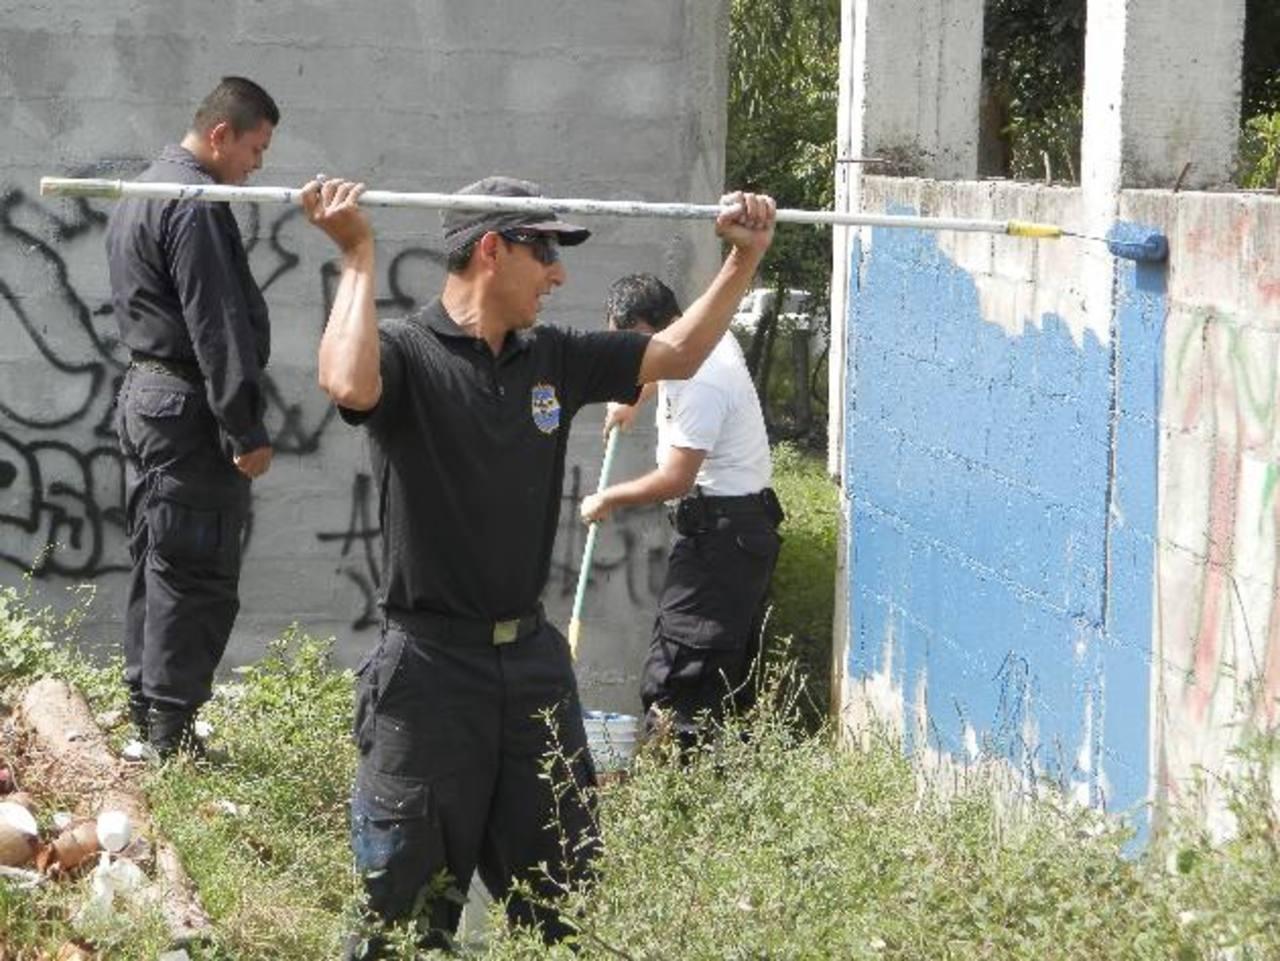 Las etapas I y II de la Colonia Río Zarco, fueron intervenidas ayer por los elementos de la PNC quienes eliminaron un buen número de grafitis de esta residencial. fotos edh / milton jaco